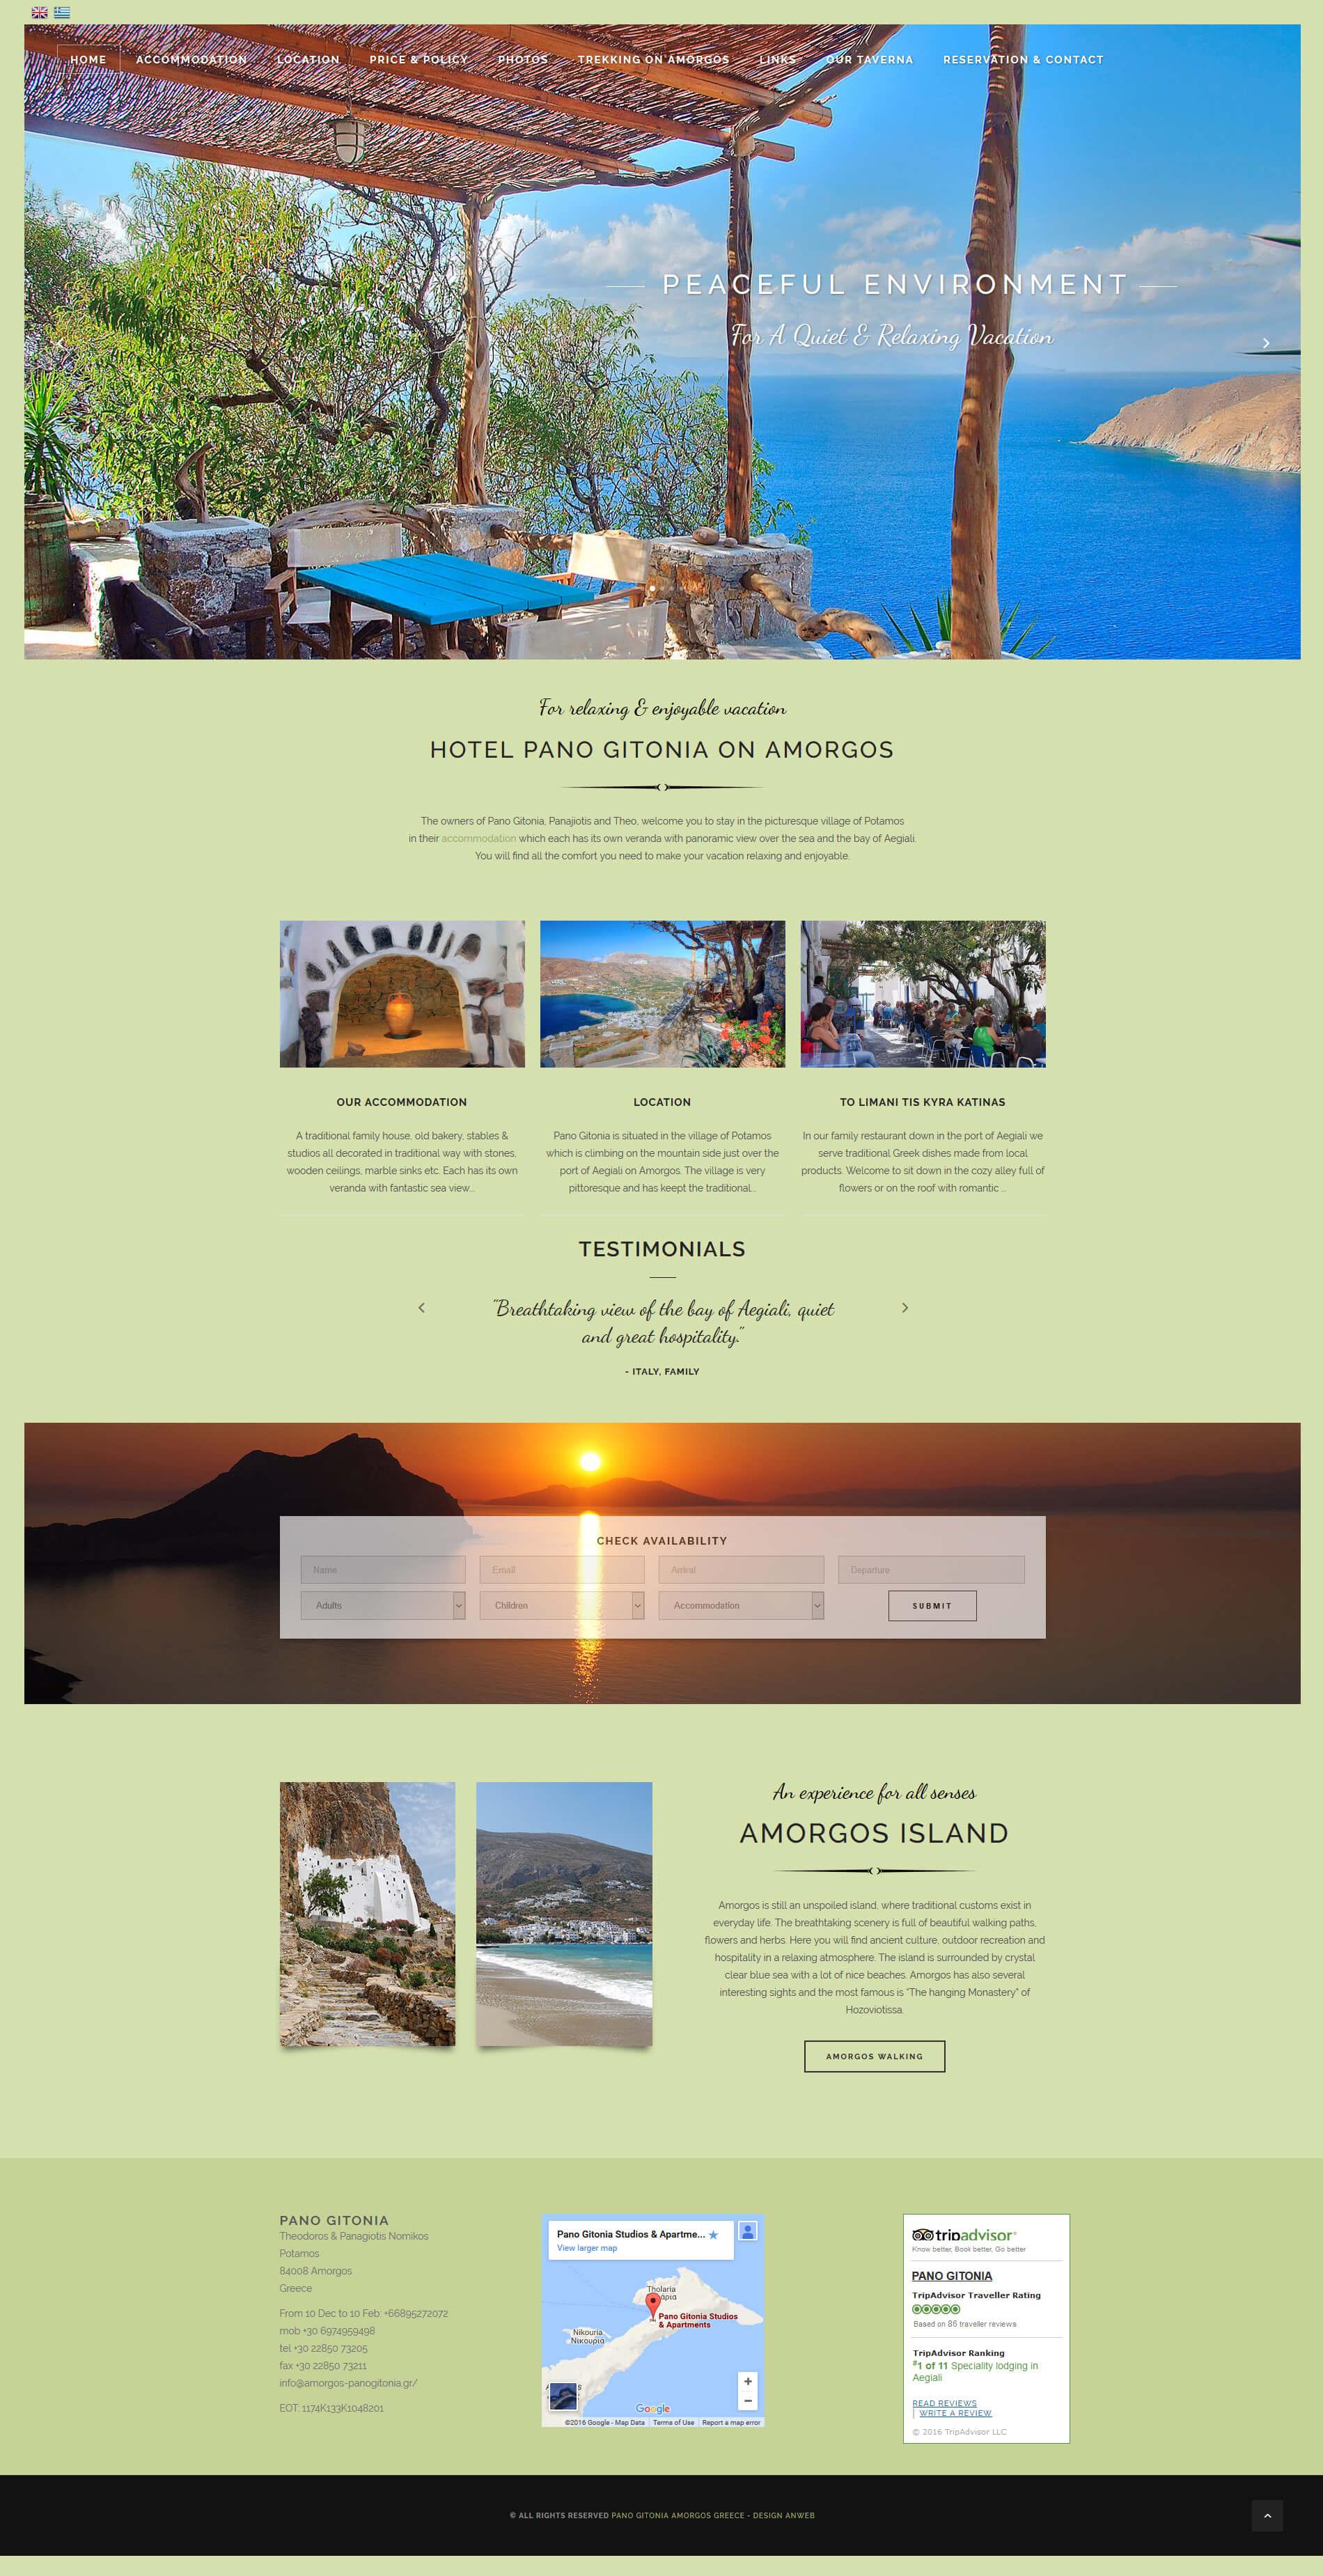 Hemsida WordPress anweb Hotell Pano Gitonia Amorgos